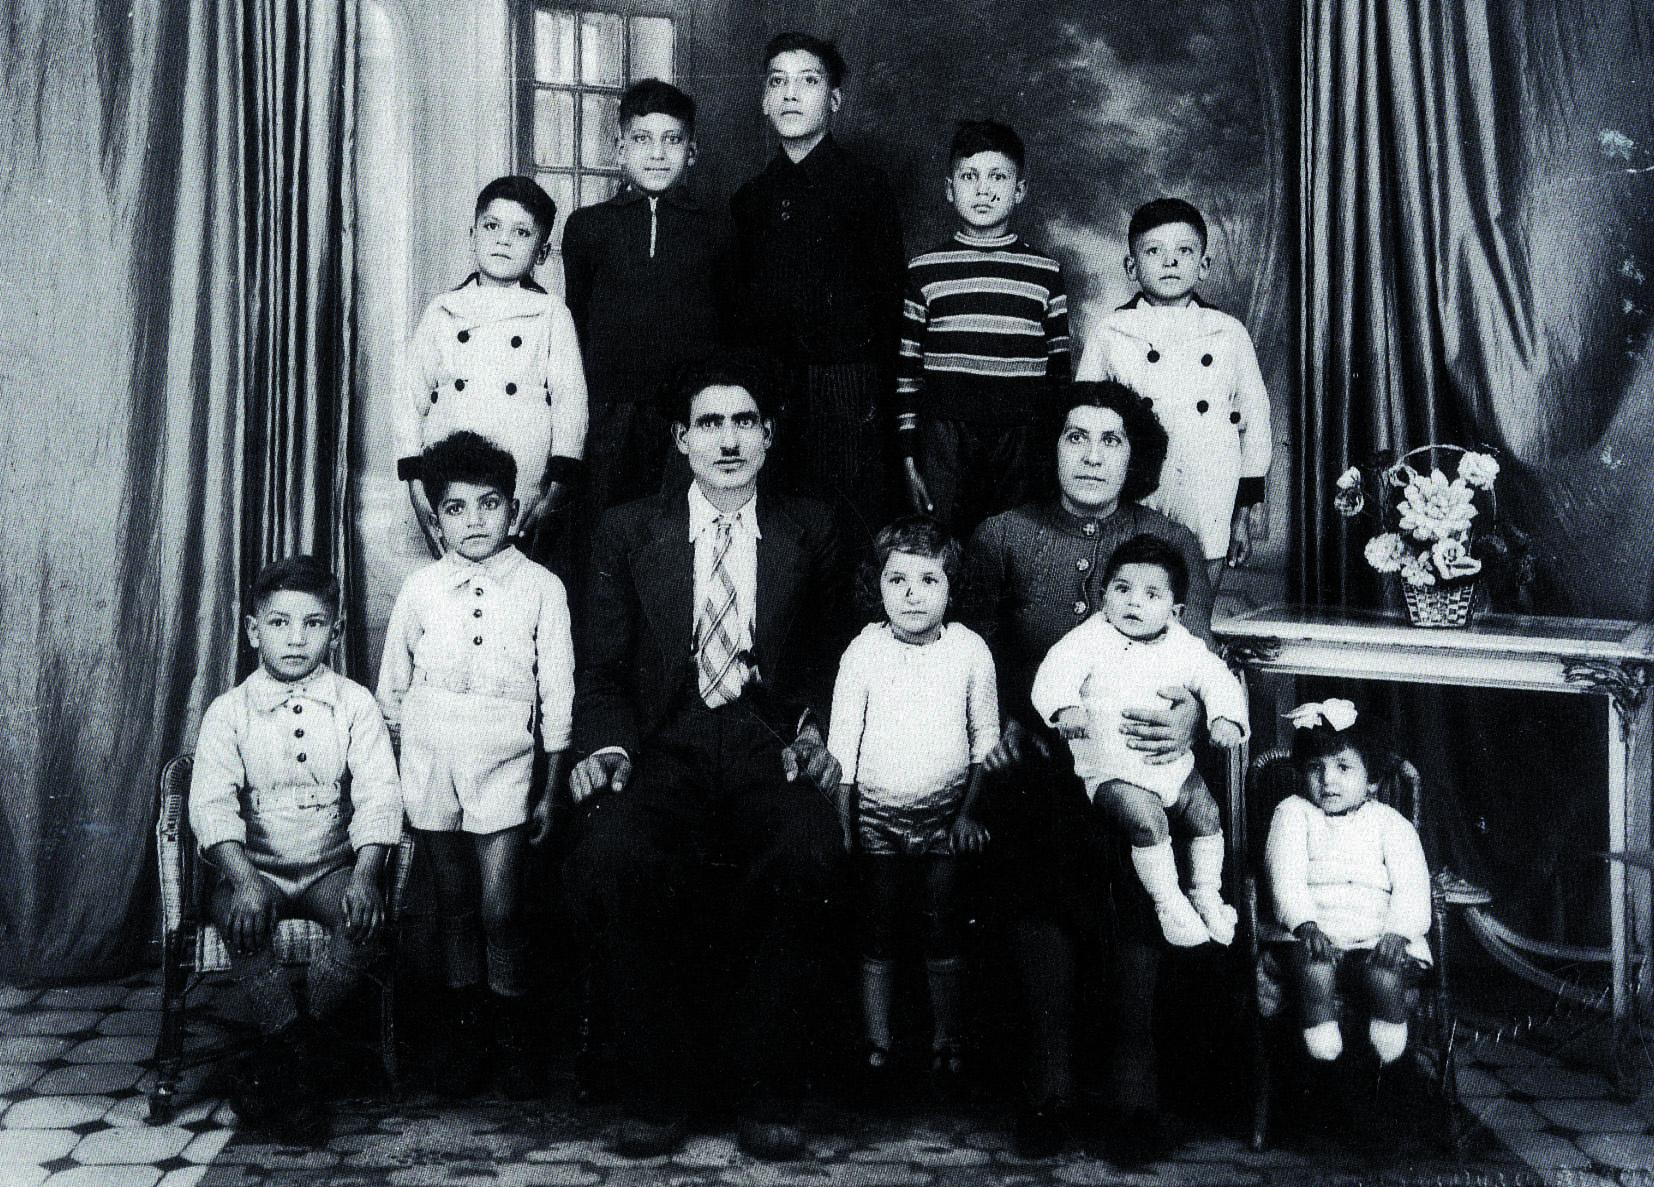 Famille Touitou / Lyon